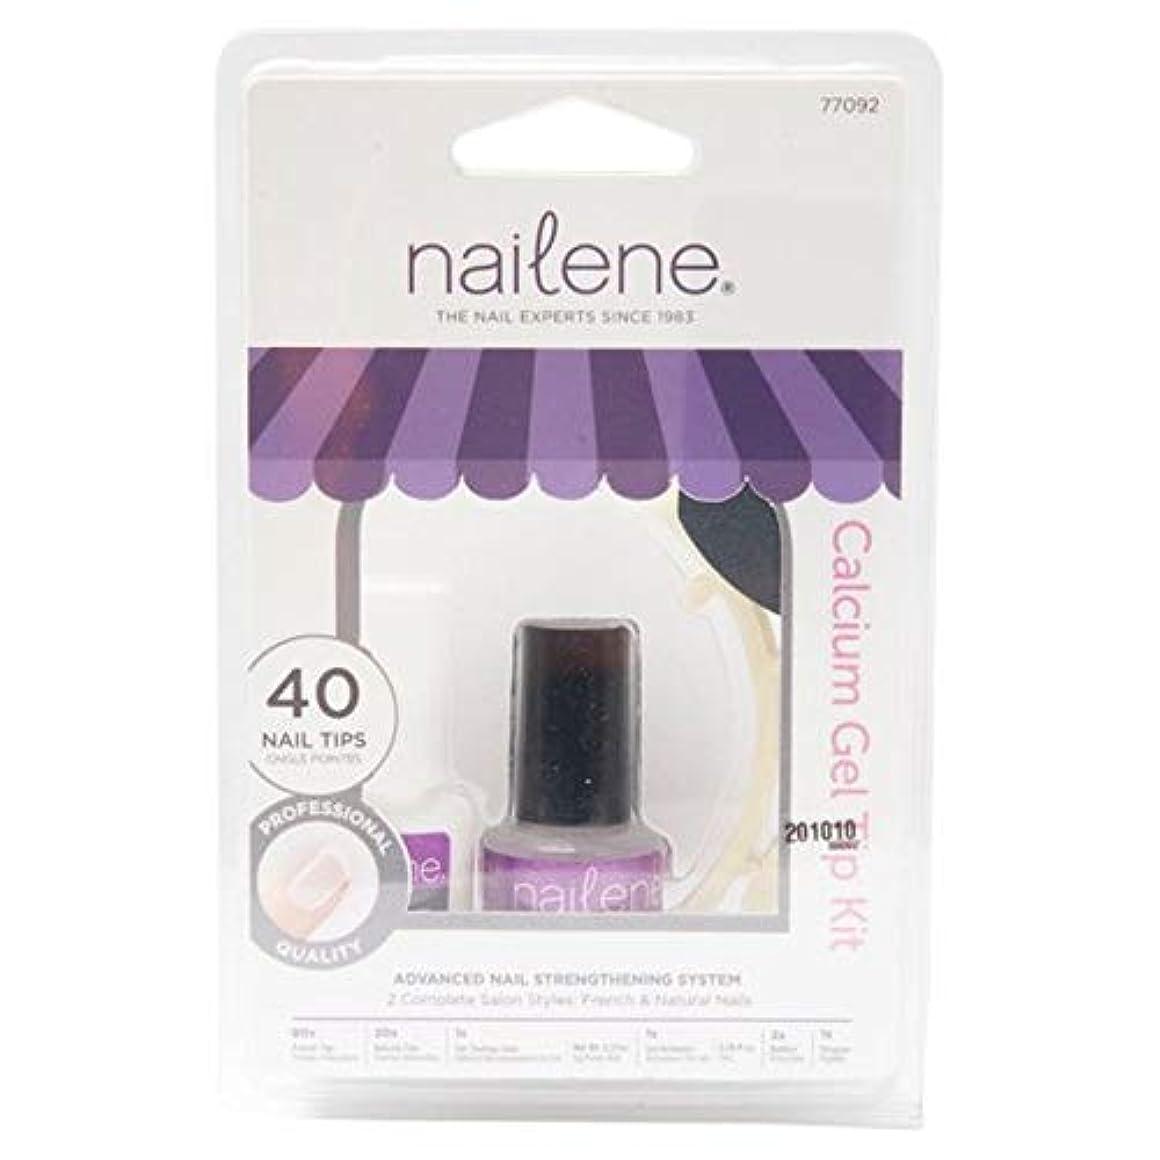 へこみキロメートル店主[Nailene] Naileneカルシウムゲルキット77092 - Nailene Calcium Gel Kit 77092 [並行輸入品]